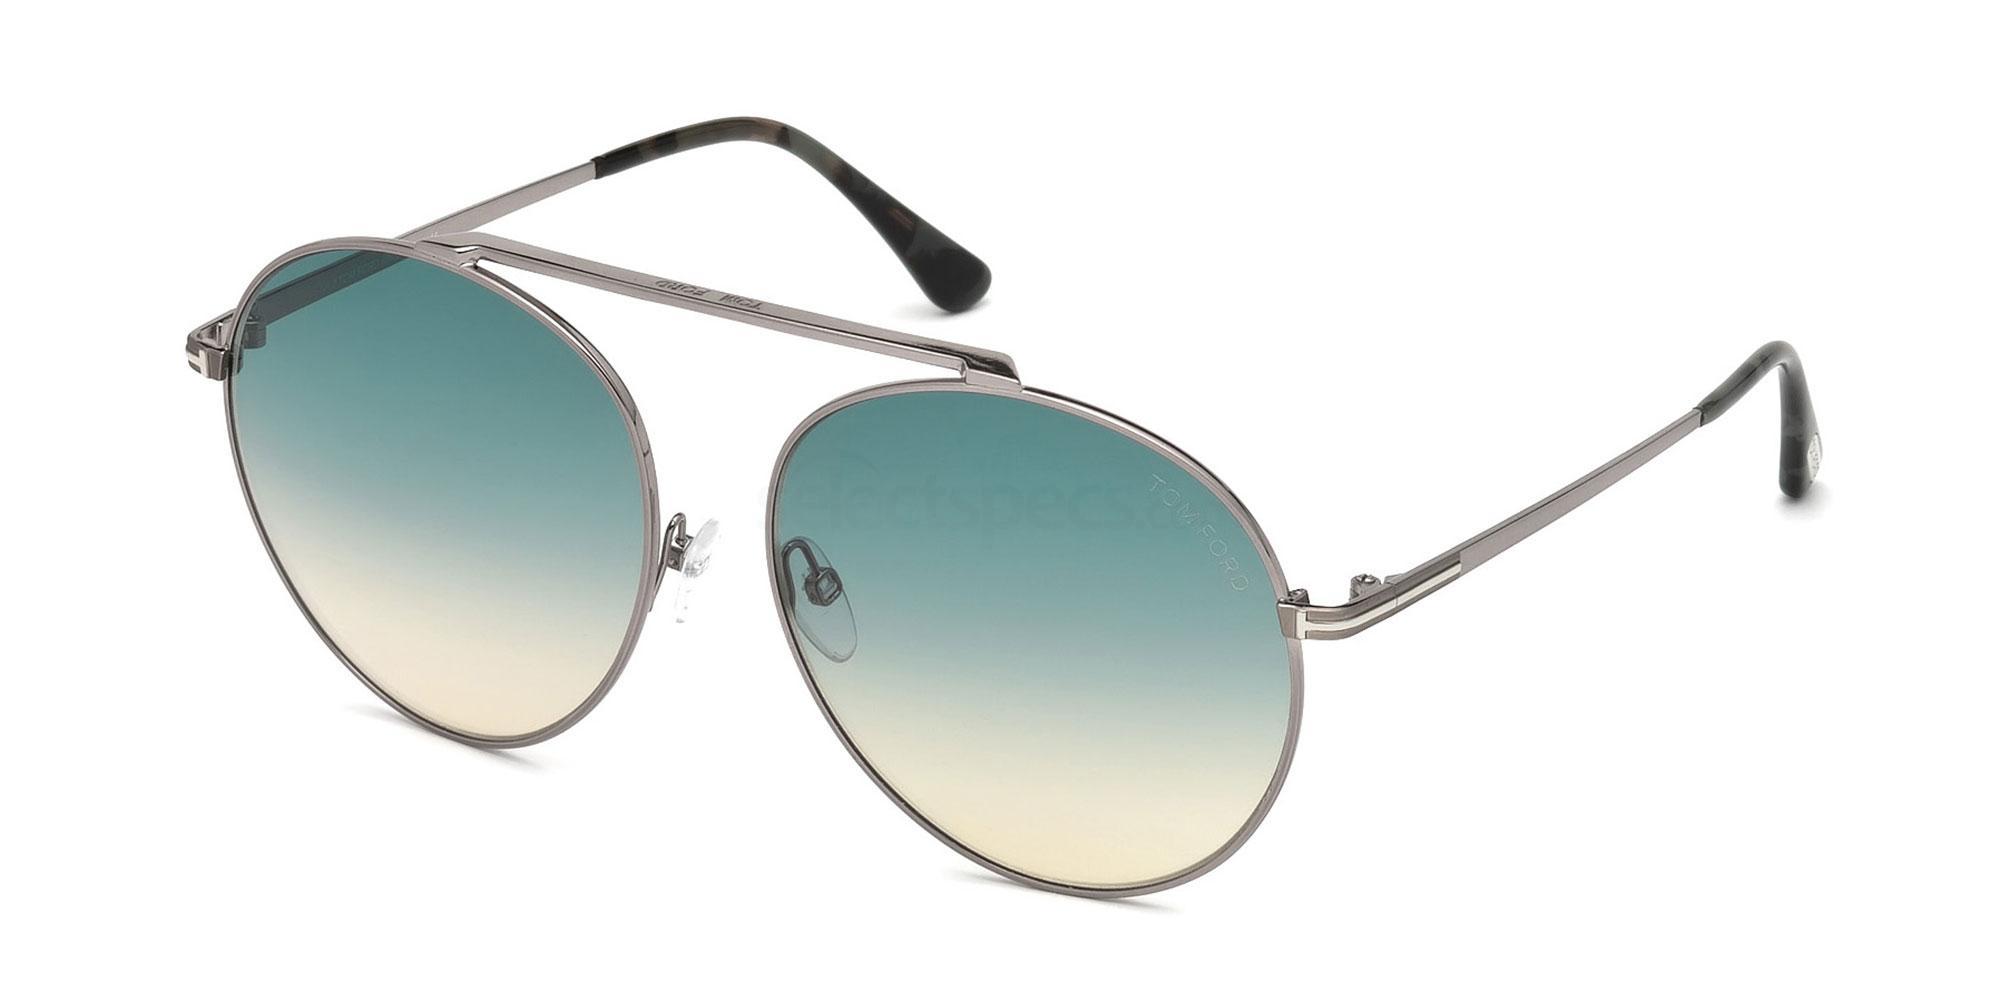 14W FT0571 Sunglasses, Tom Ford